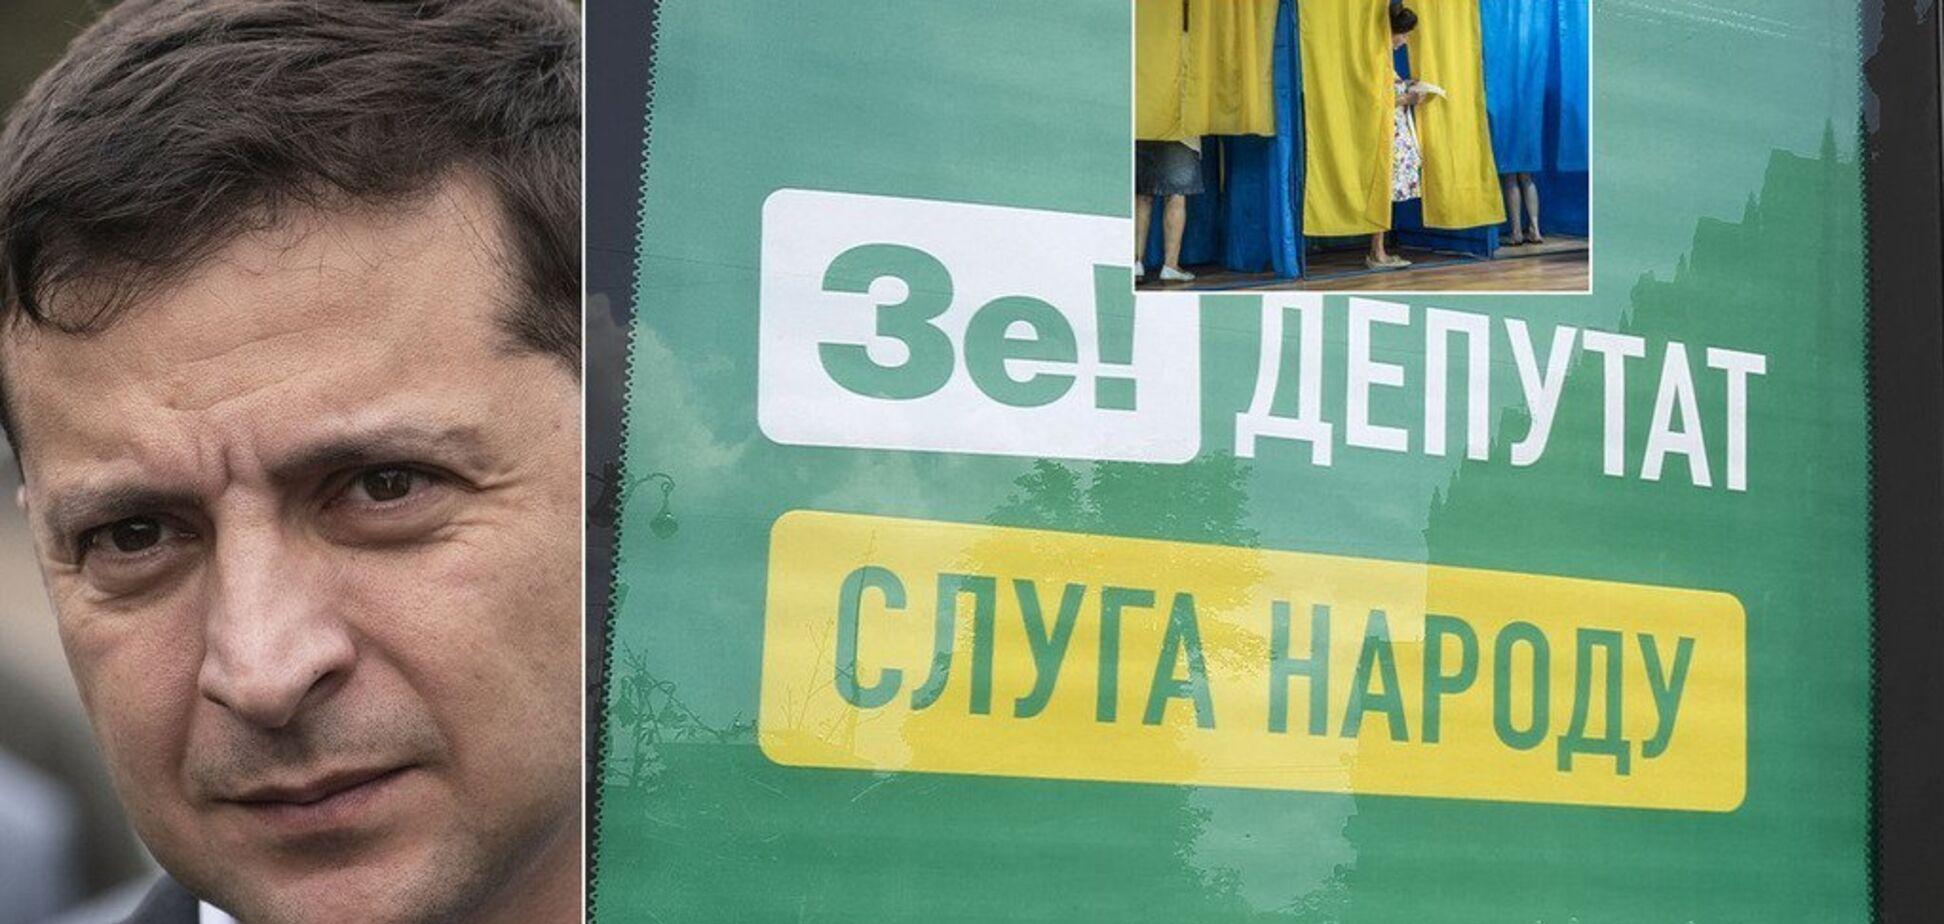 Зеленський провалив місцеві вибори: чому українці не повірили 'Слузі народу'